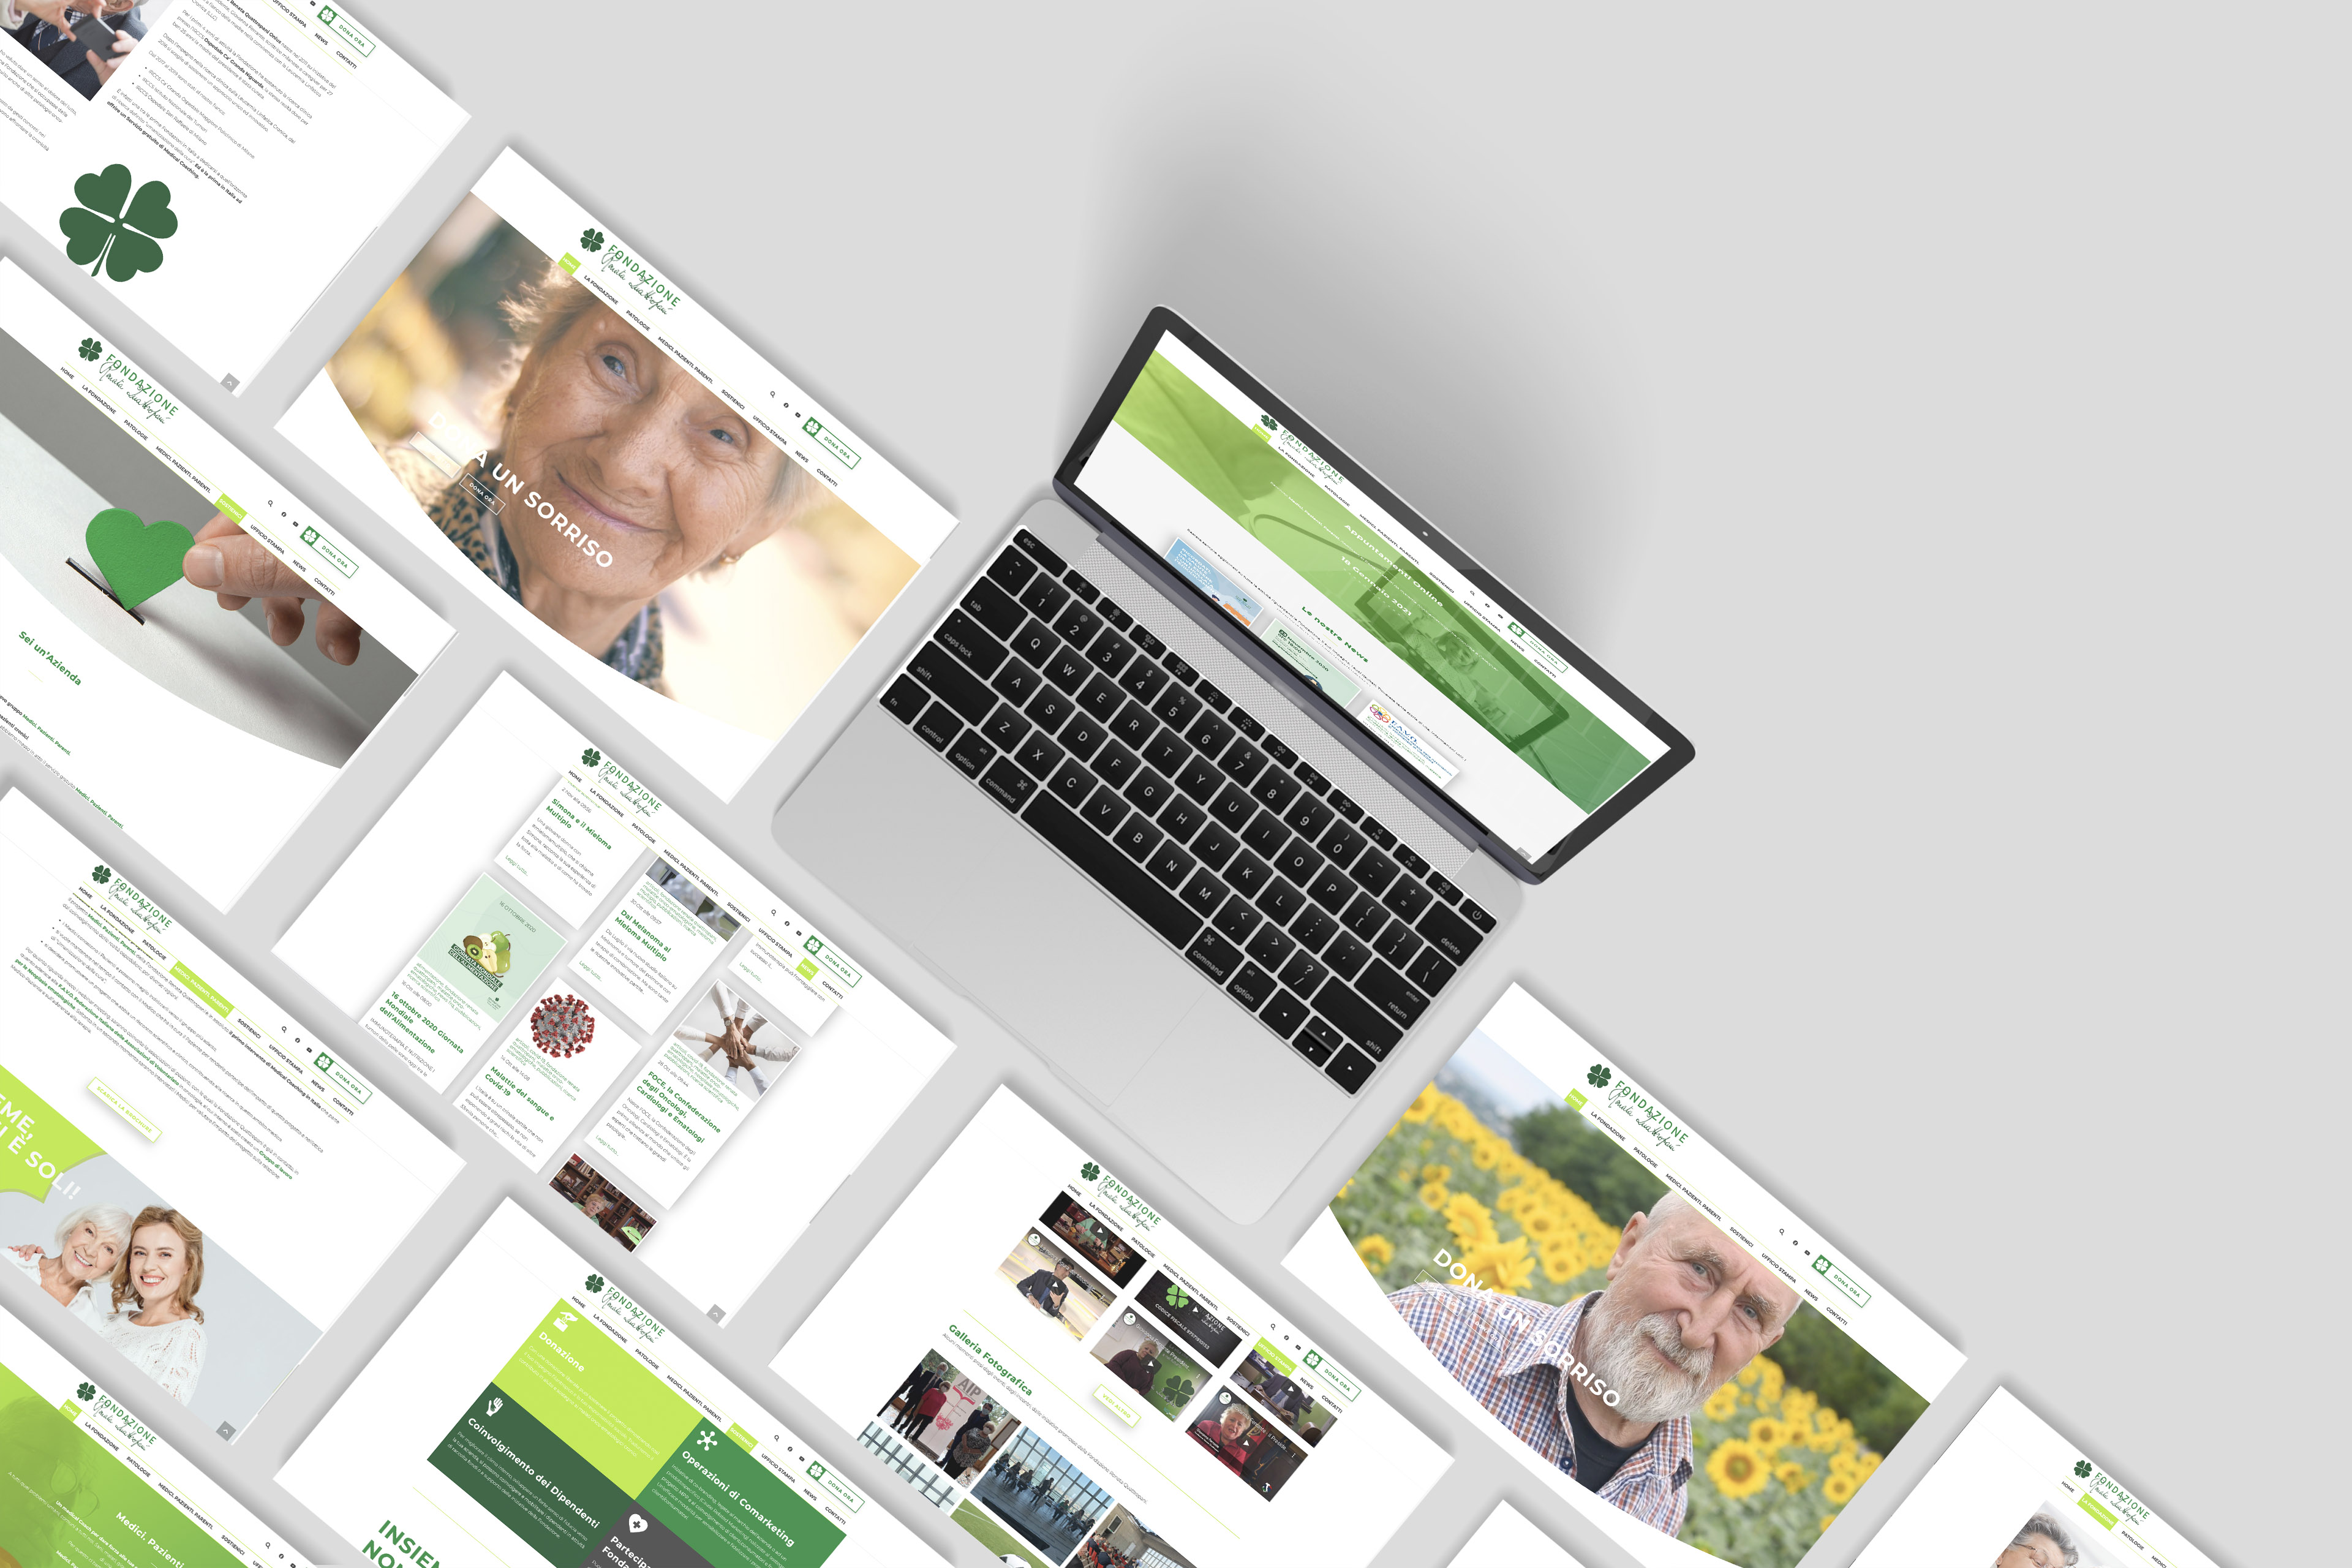 nuovo sito web Fondazione Quattropani